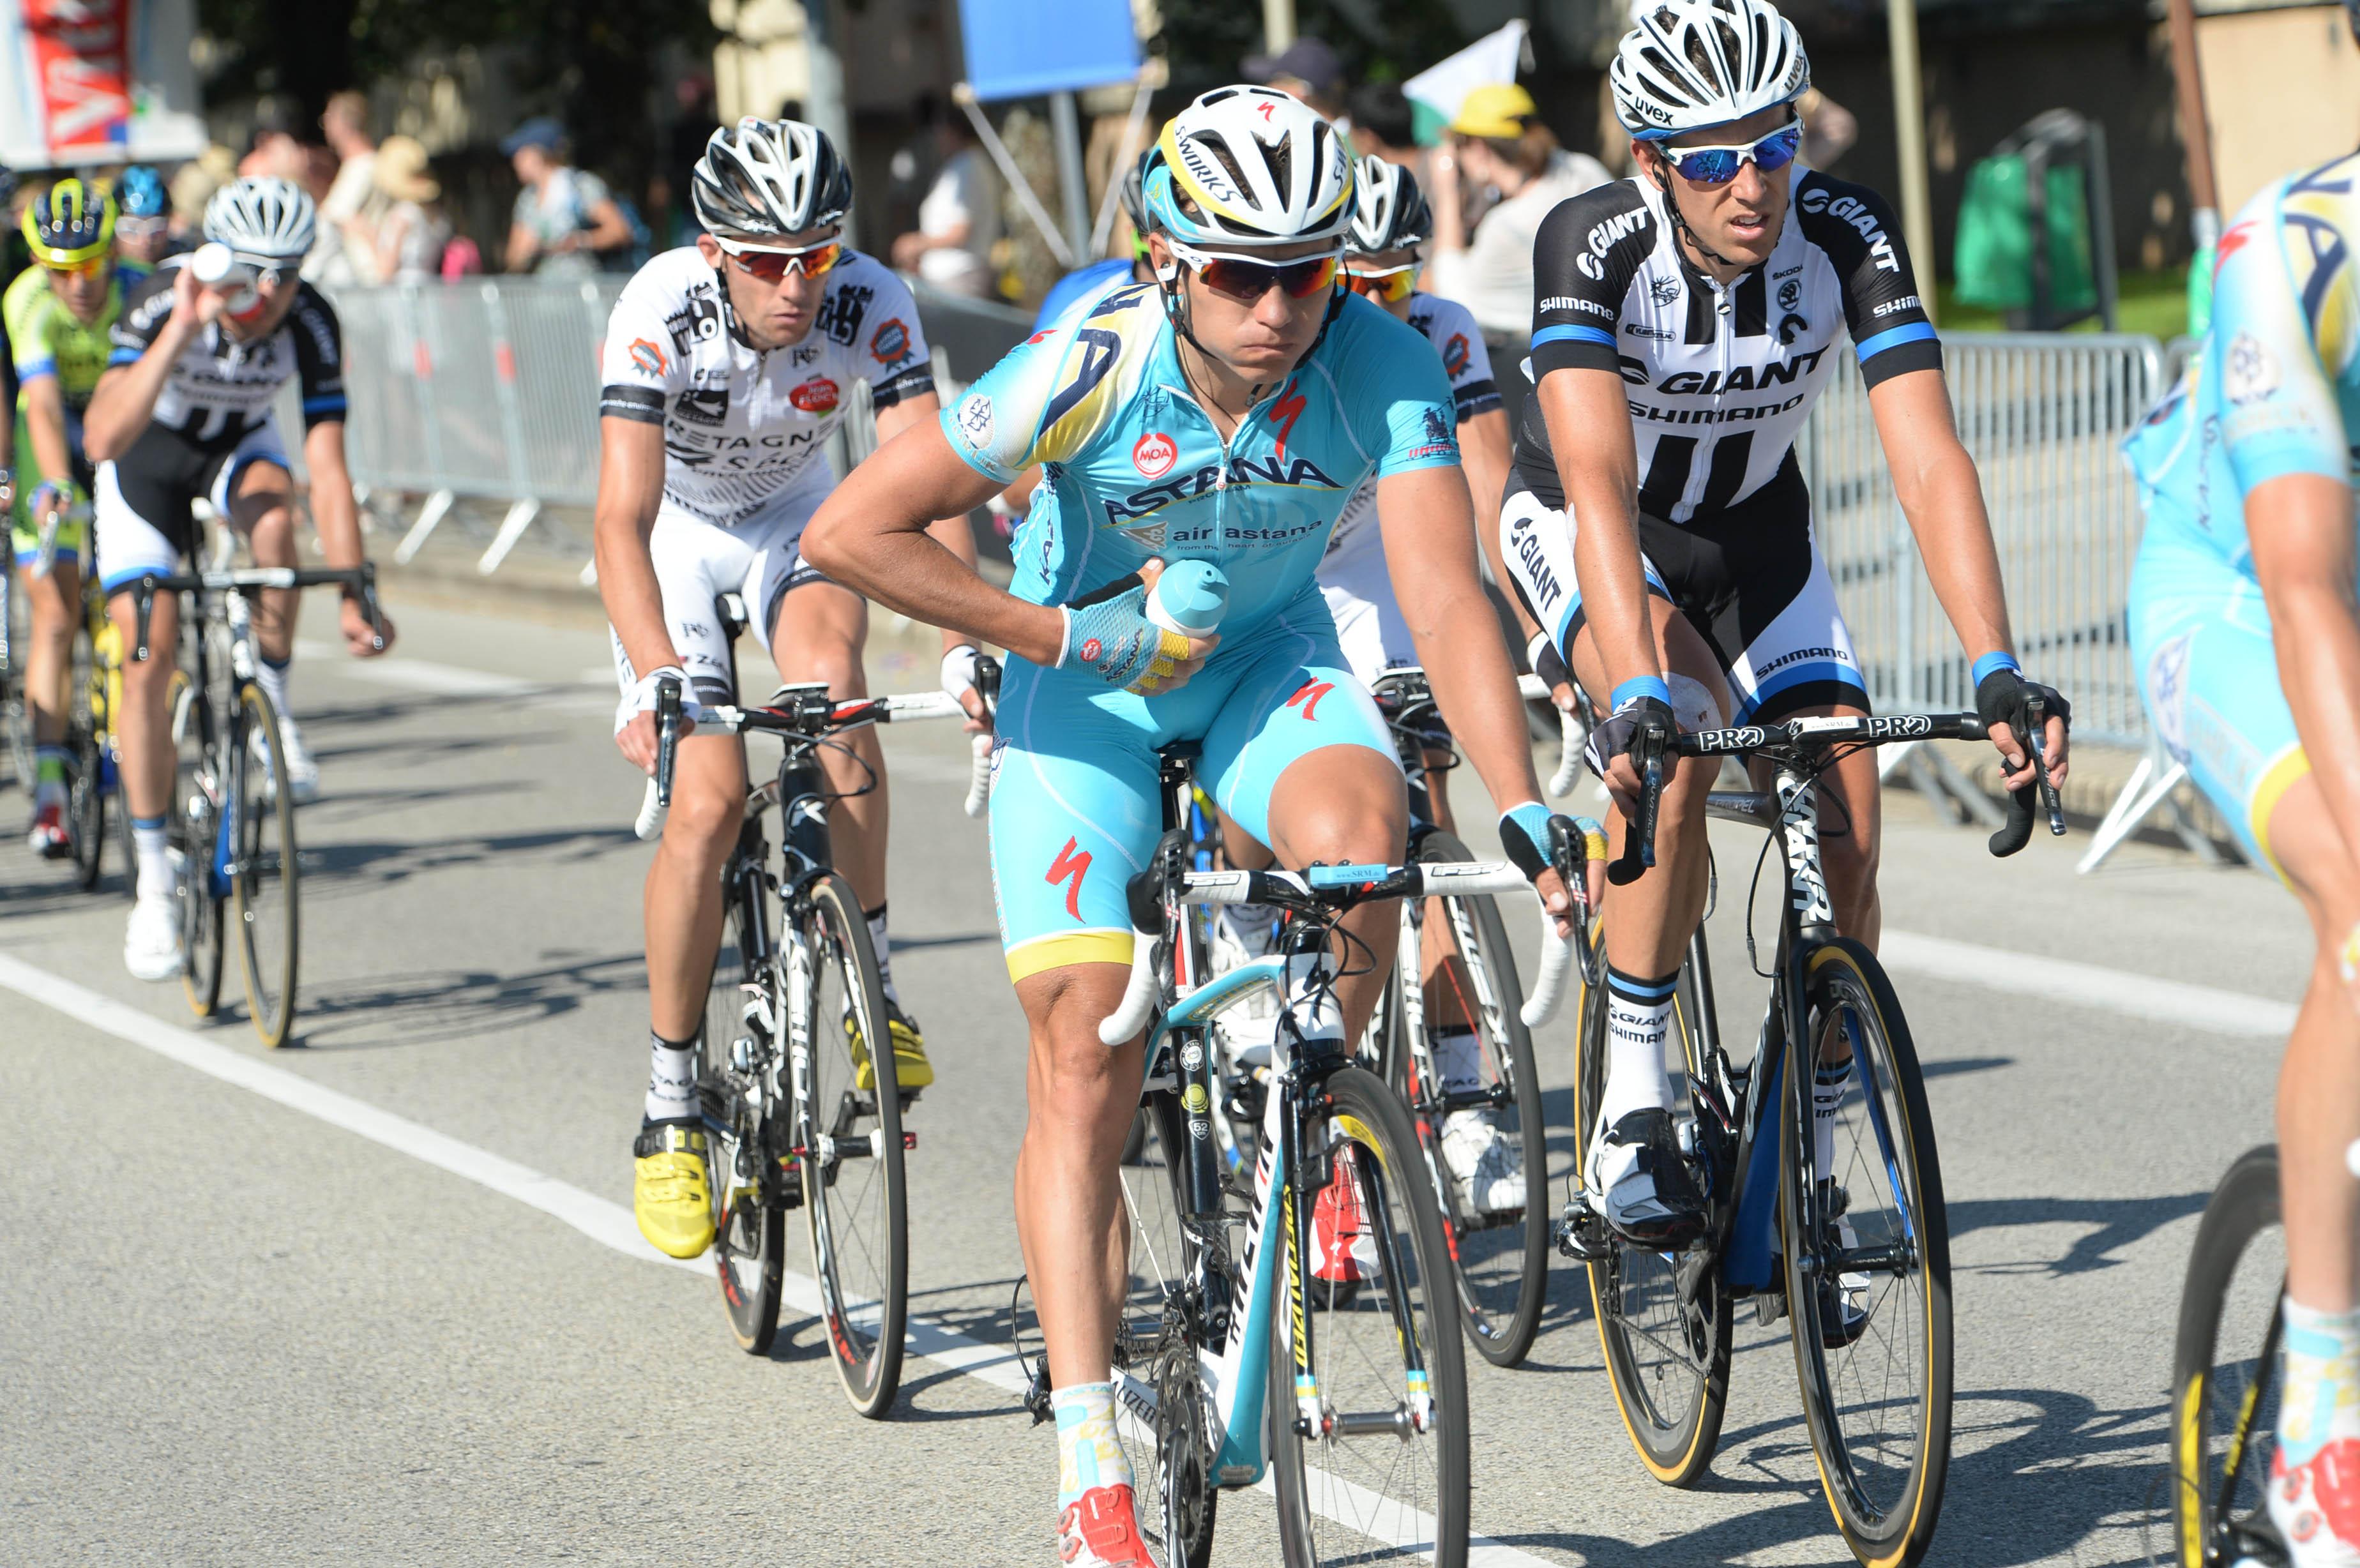 Gallopin gewinnt die 11. Etappe der Tour. Sagan bleibt Führender der Sprintwertung. (Foto: Sirotti)